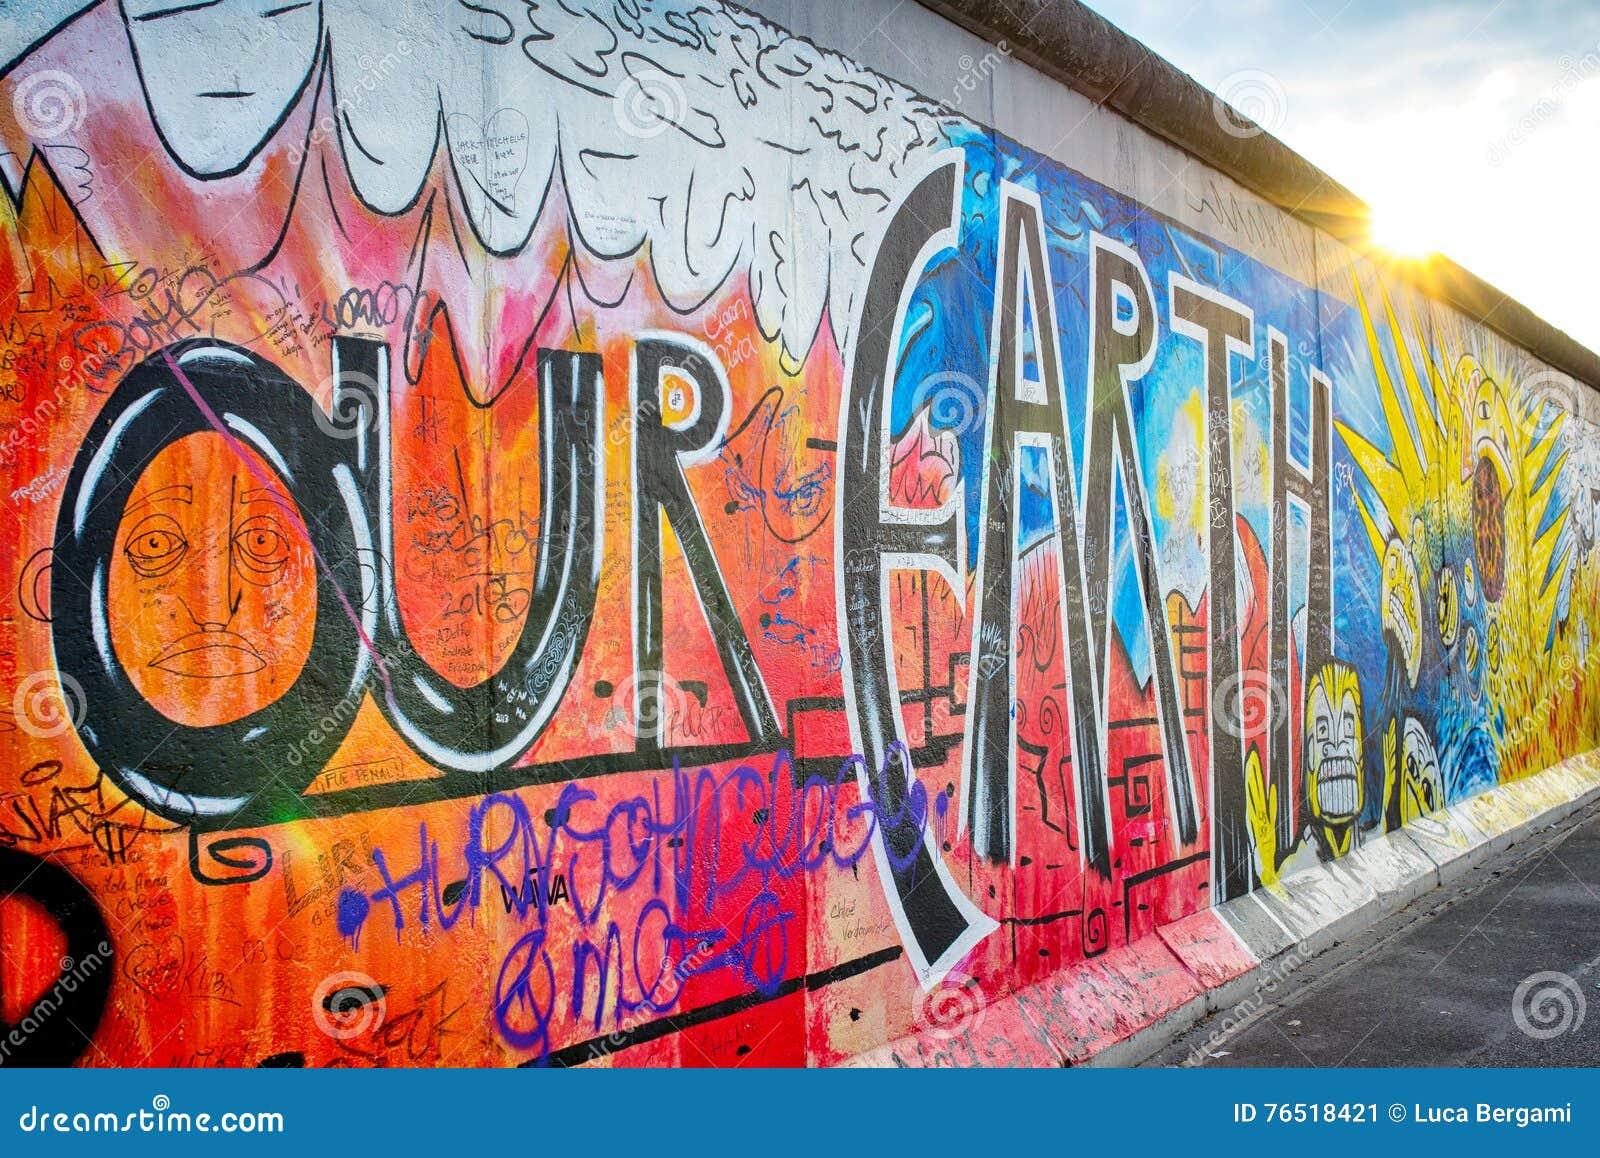 Grafiti wall berlin - Berlin Graffiti Wall Editorial Photo